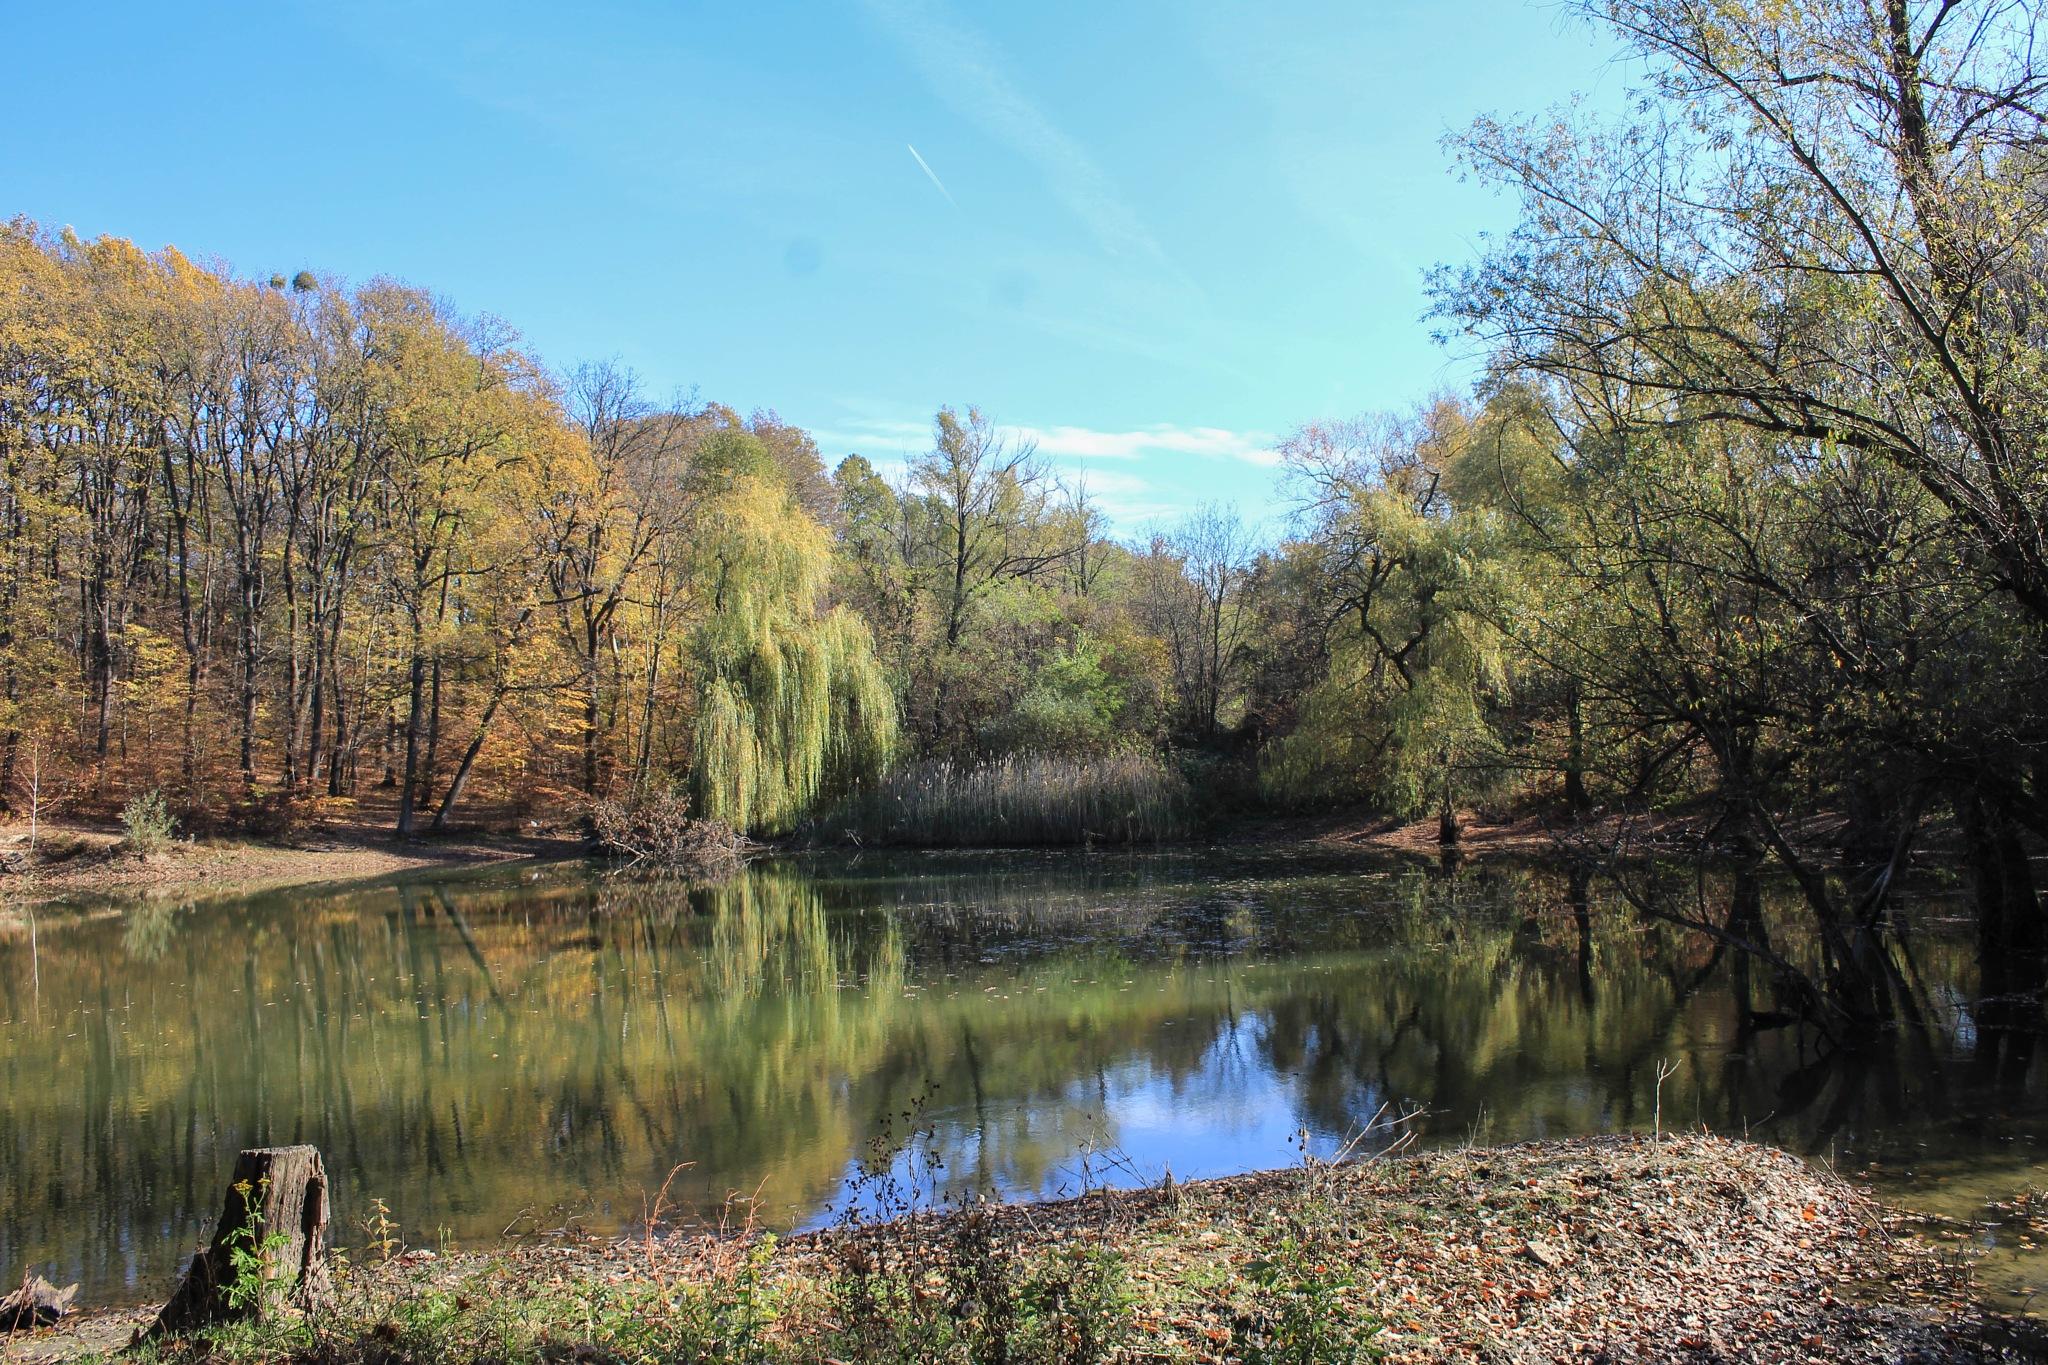 forgotten little lake2. by Sziszi_photo_art